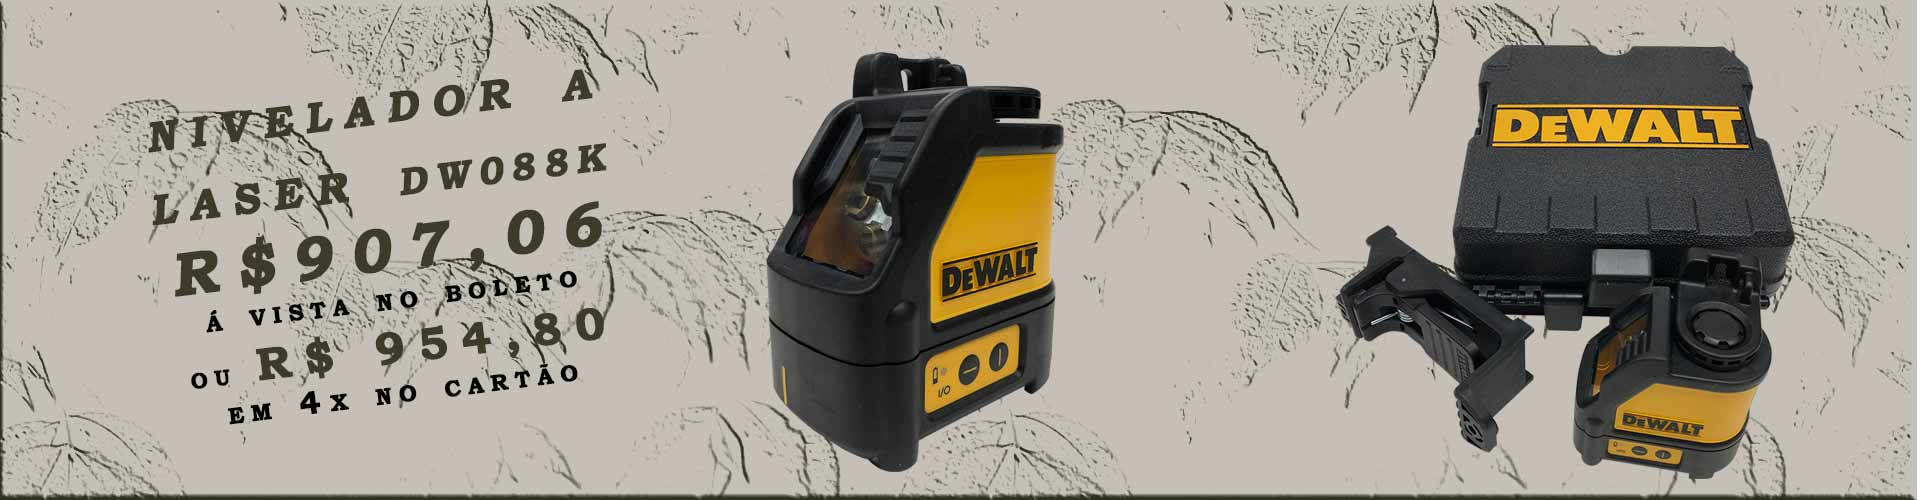 laser dewalt dw088k